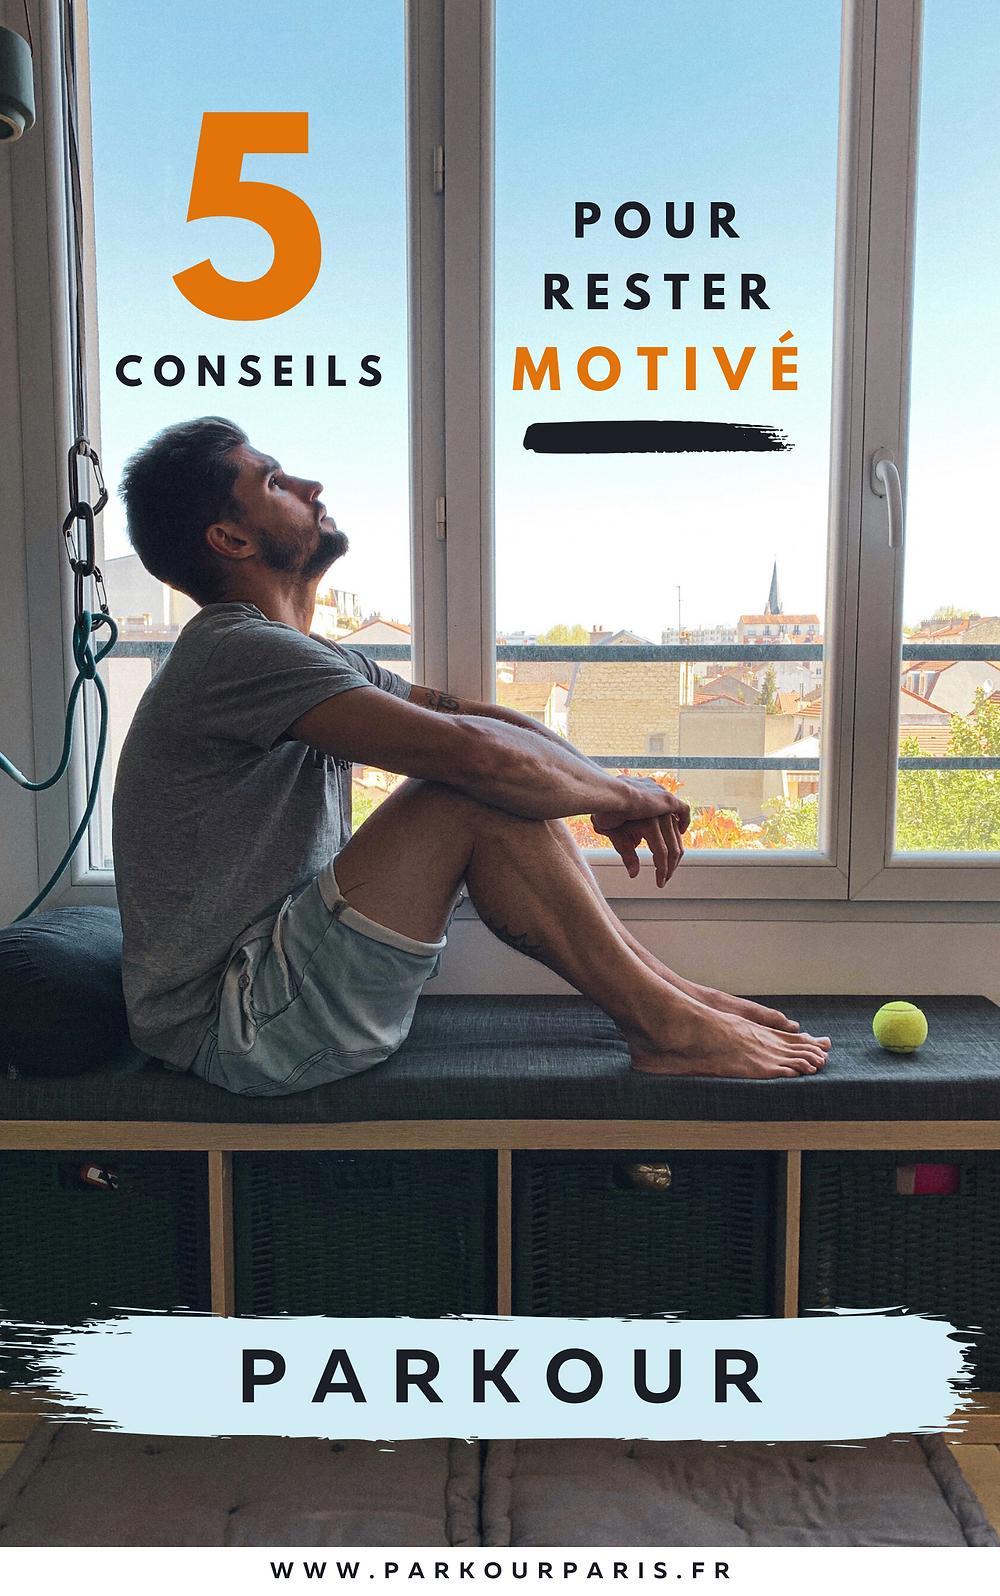 5 conseil pour rester motivé